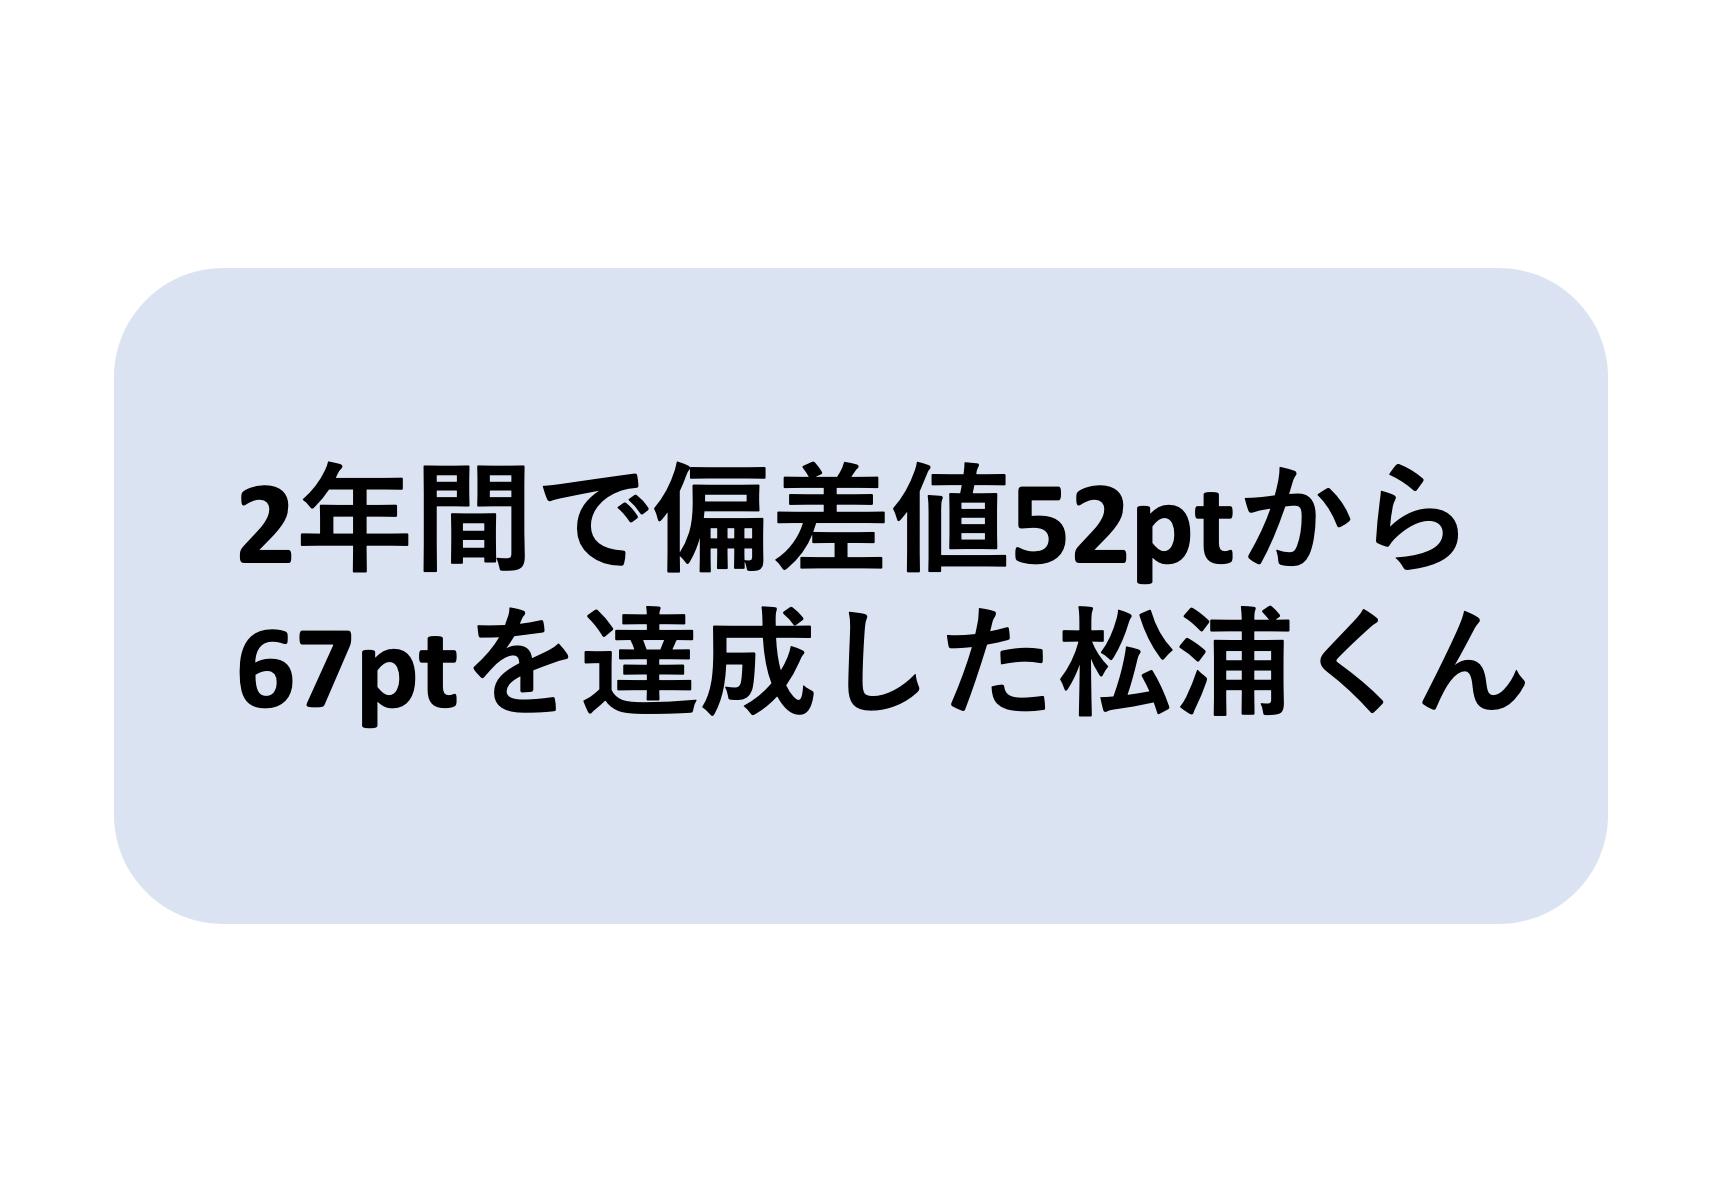 【仙台三高合格】2年間で偏差値...